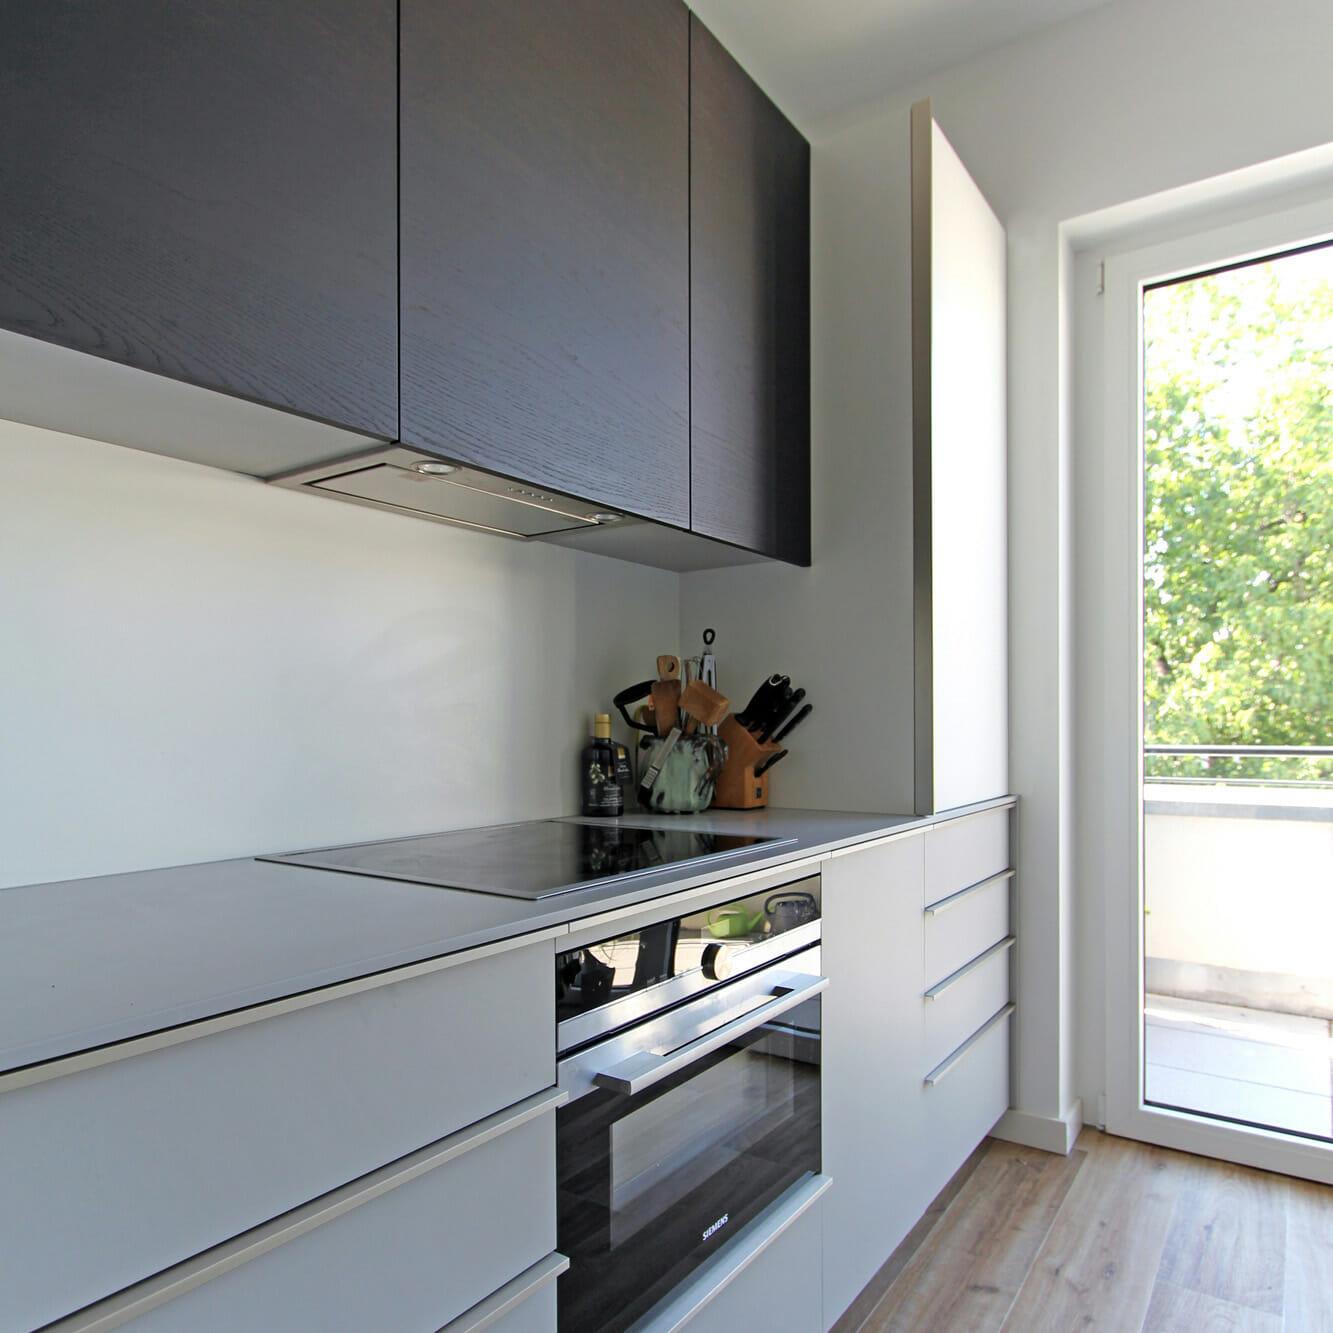 maßgefertigte, moderne Einbauküche